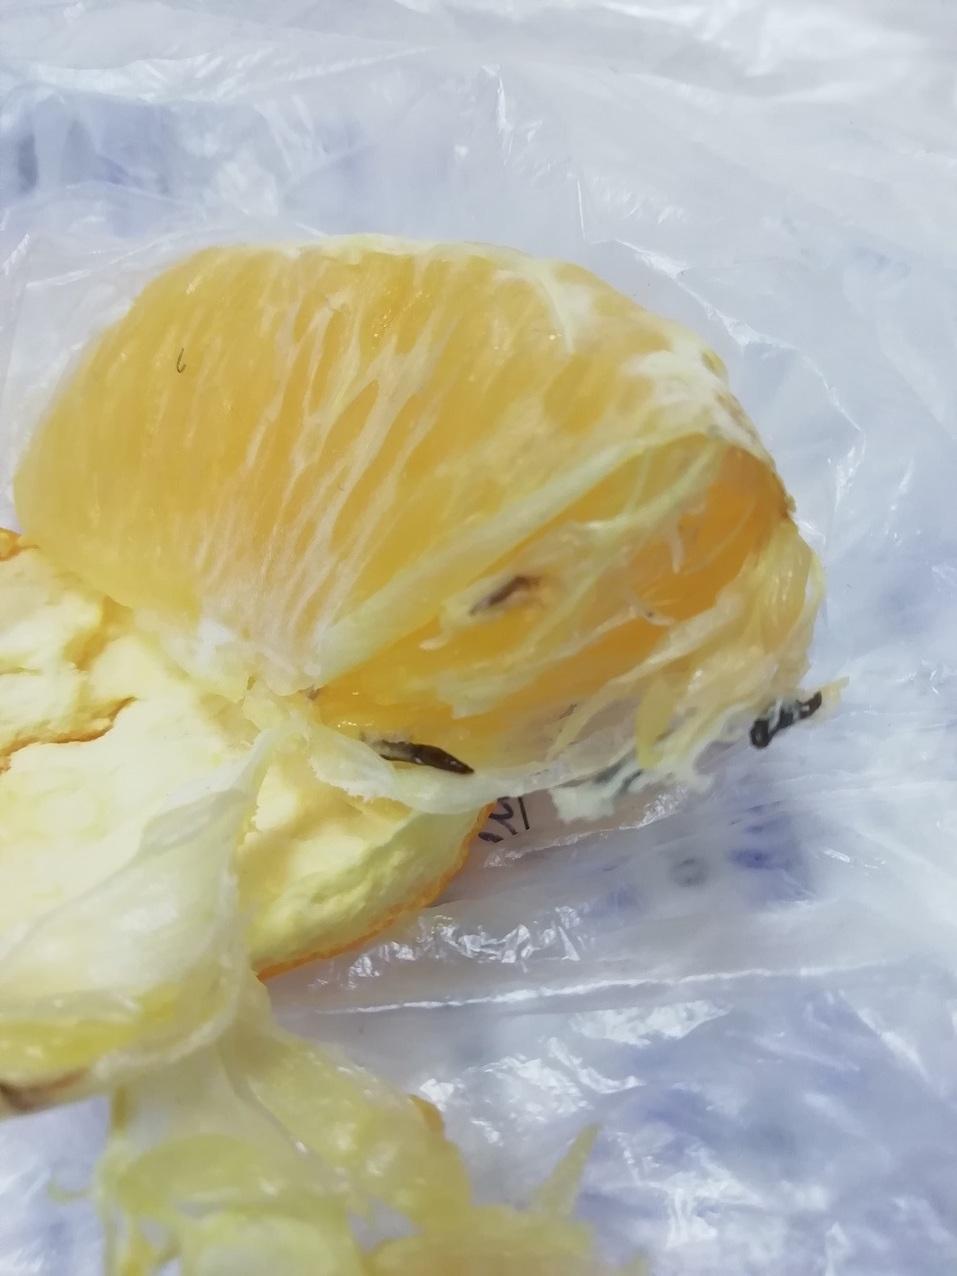 В торговые сети Челябинска проникла партия апельсинов с личинками экзотической мухи 1